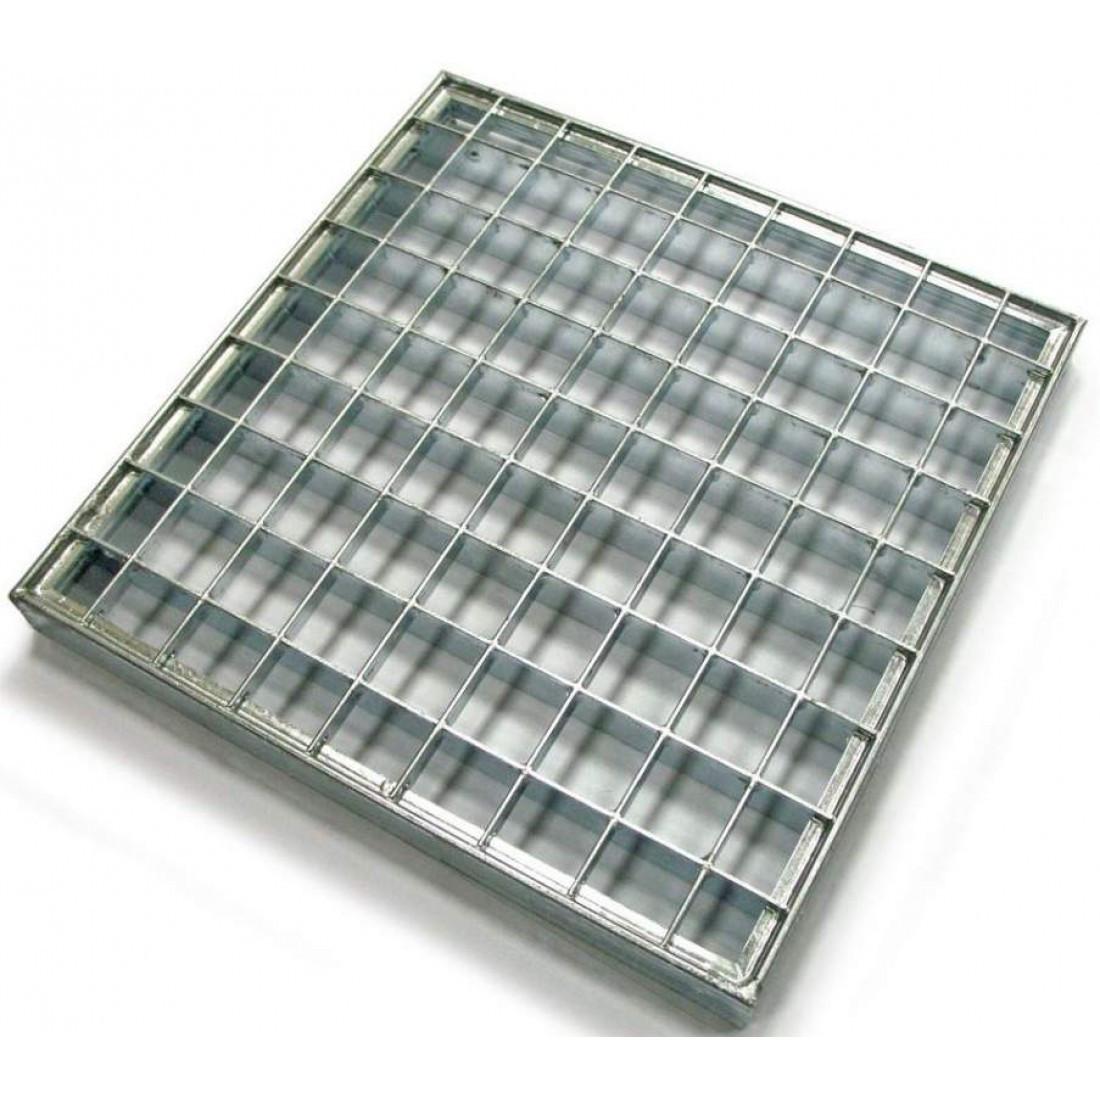 Решетка стальная 400x1000 мм (полоса 30x2 мм) мм (ячейка 33x33 мм), 9,4кг